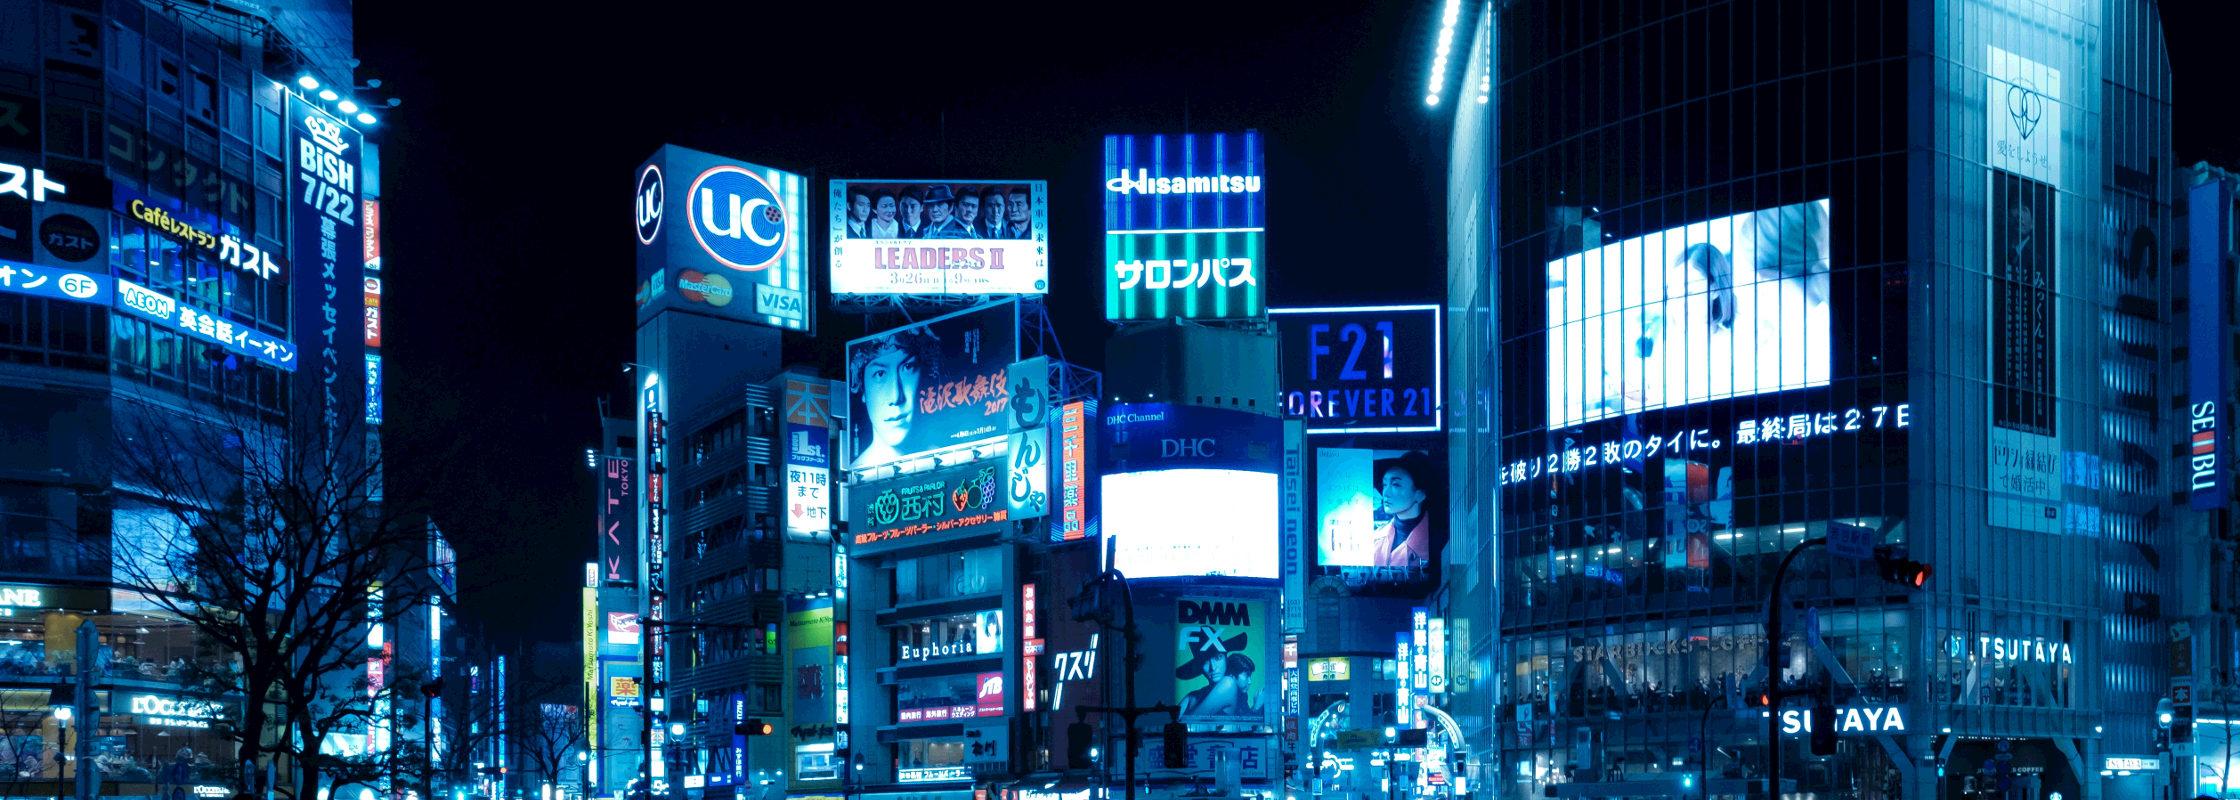 Tokyo - Top Destinations